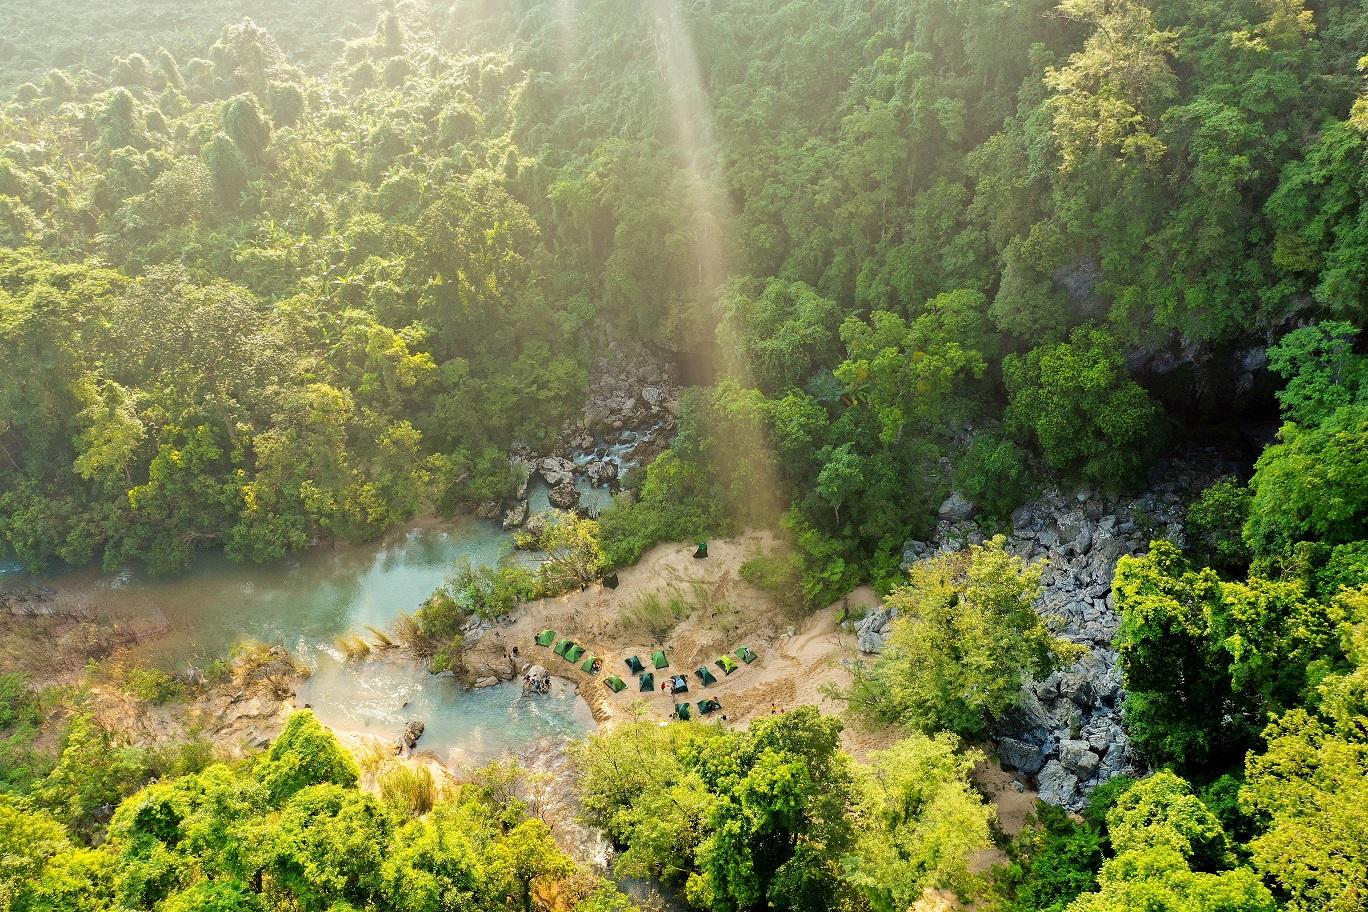 Công ty TNHH Jungle Boss (Quảng Bình) tiếp tục khai thác sản phẩm du lịch Khám phá thung lũng Ha Ma Đa – hang Trạ Ang